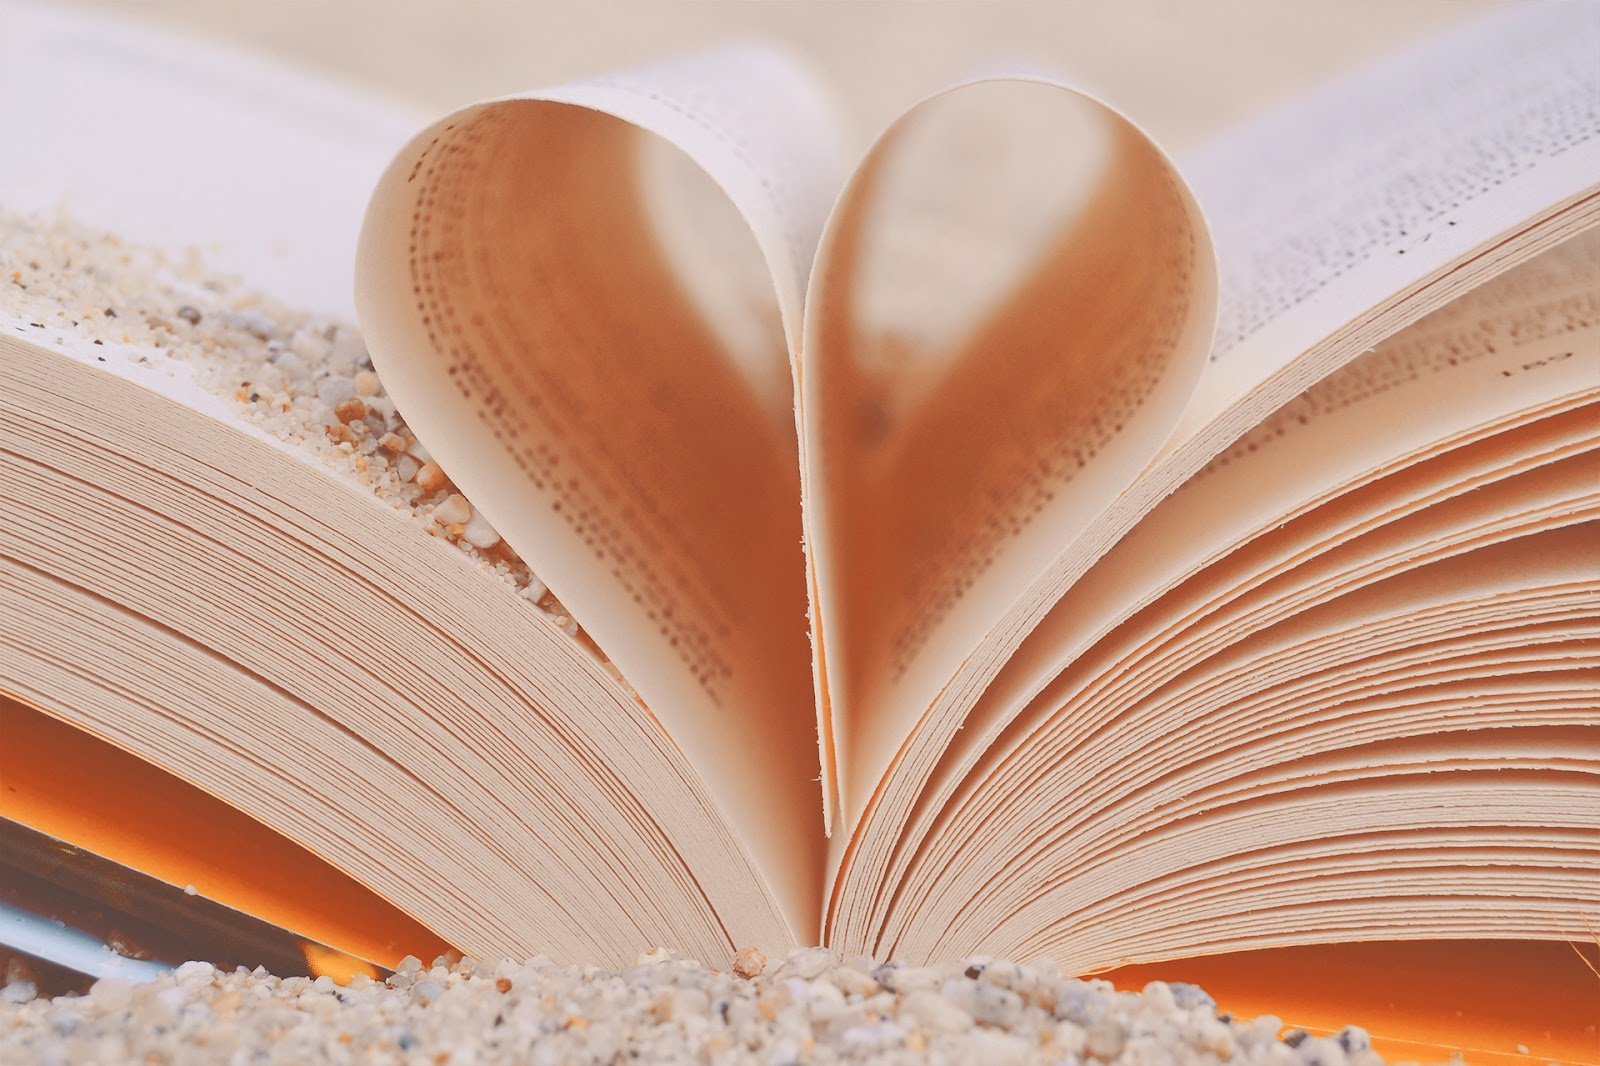 ספר פתוח באמצע דף מקופל בצורת לב